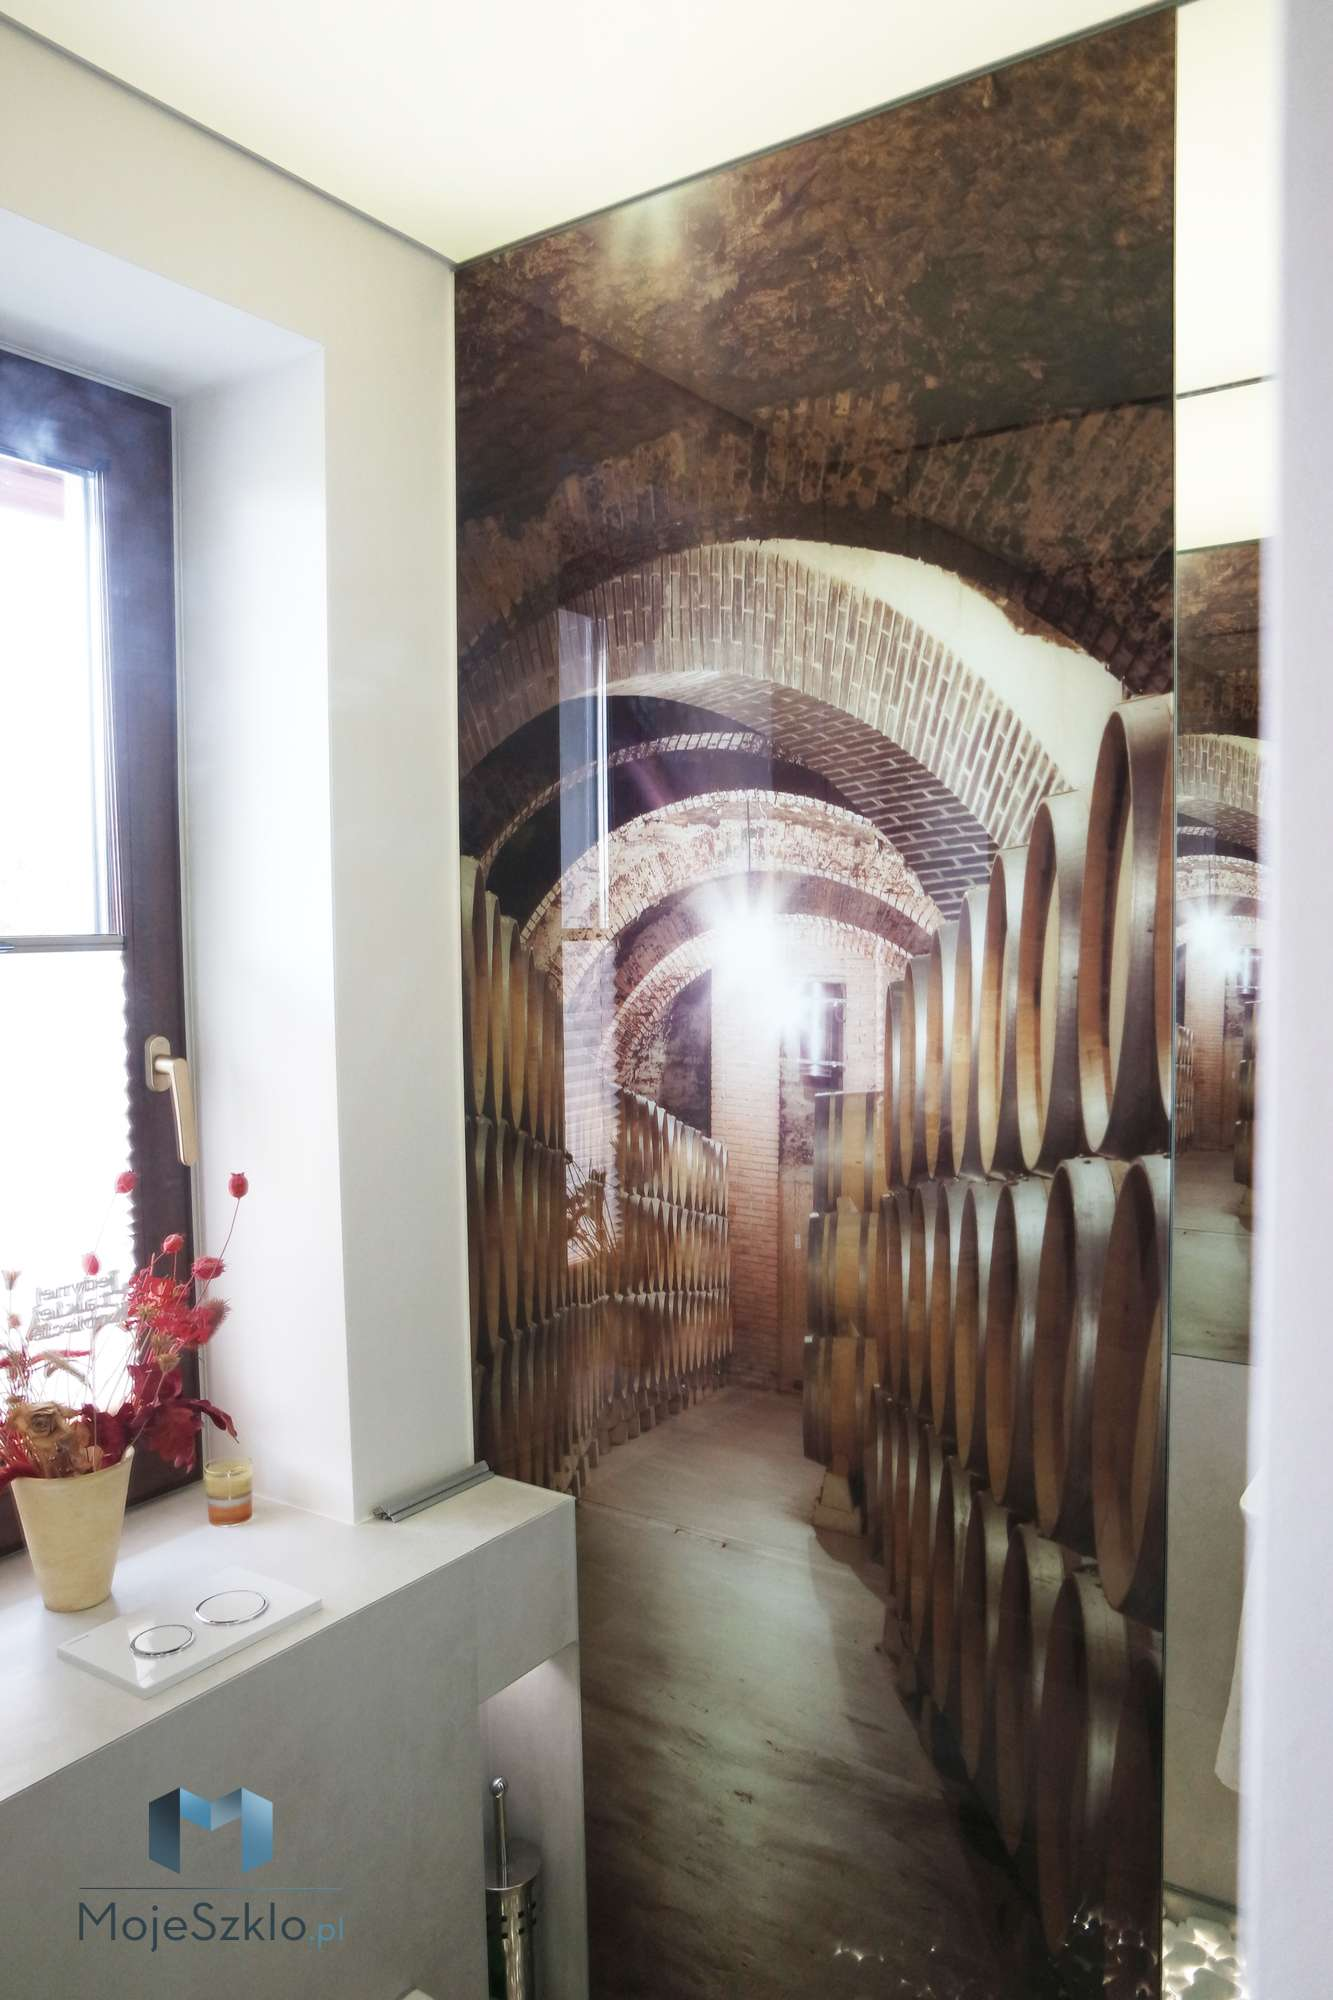 Szklo Dekoracyjne Winnica Scianka - Lacobel wzory. Różne motywy grafiki na szkle